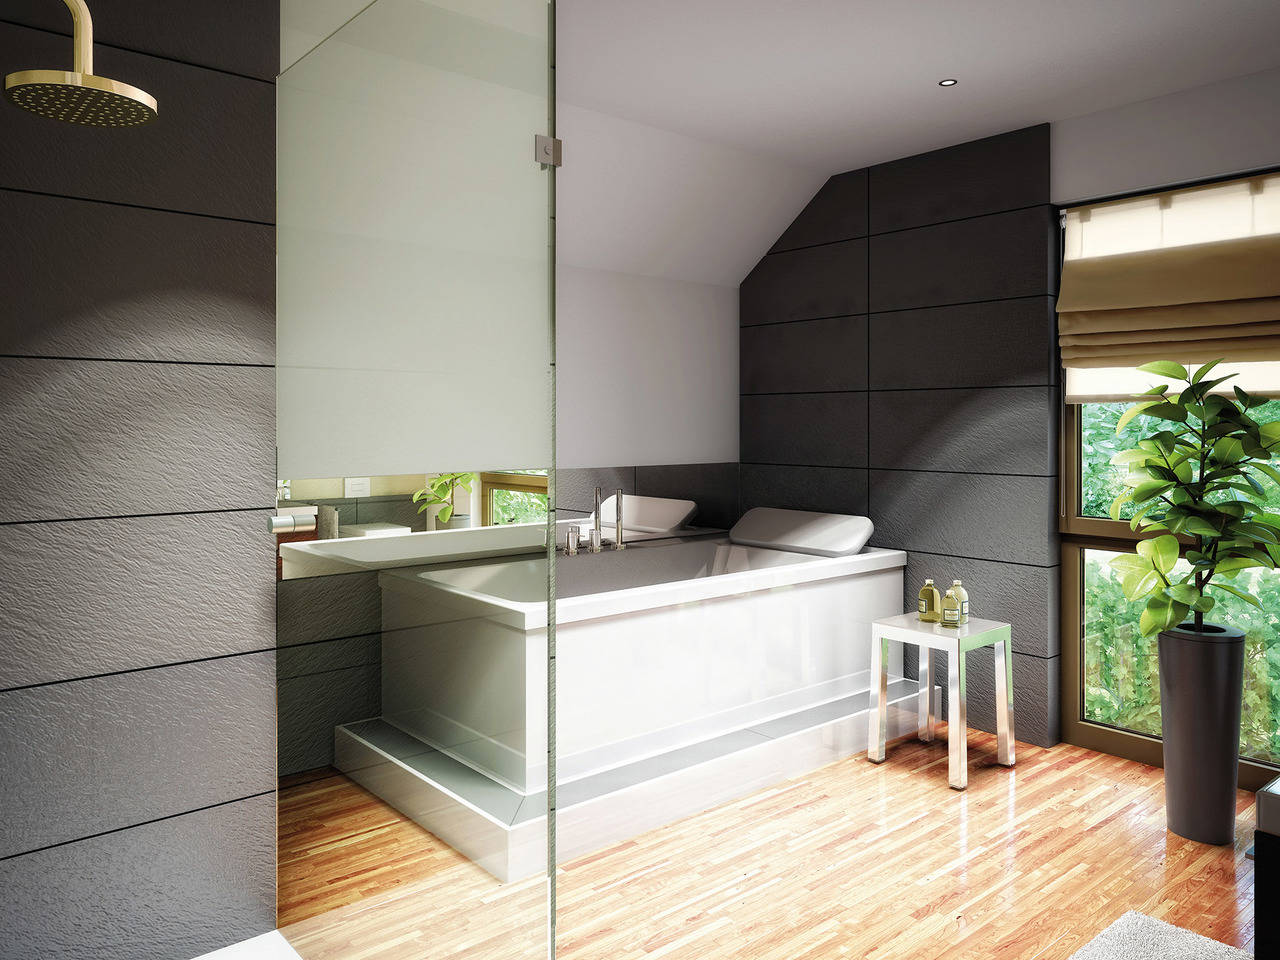 Haus SOLUTION 78 V5 Badezimmer von Living Haus